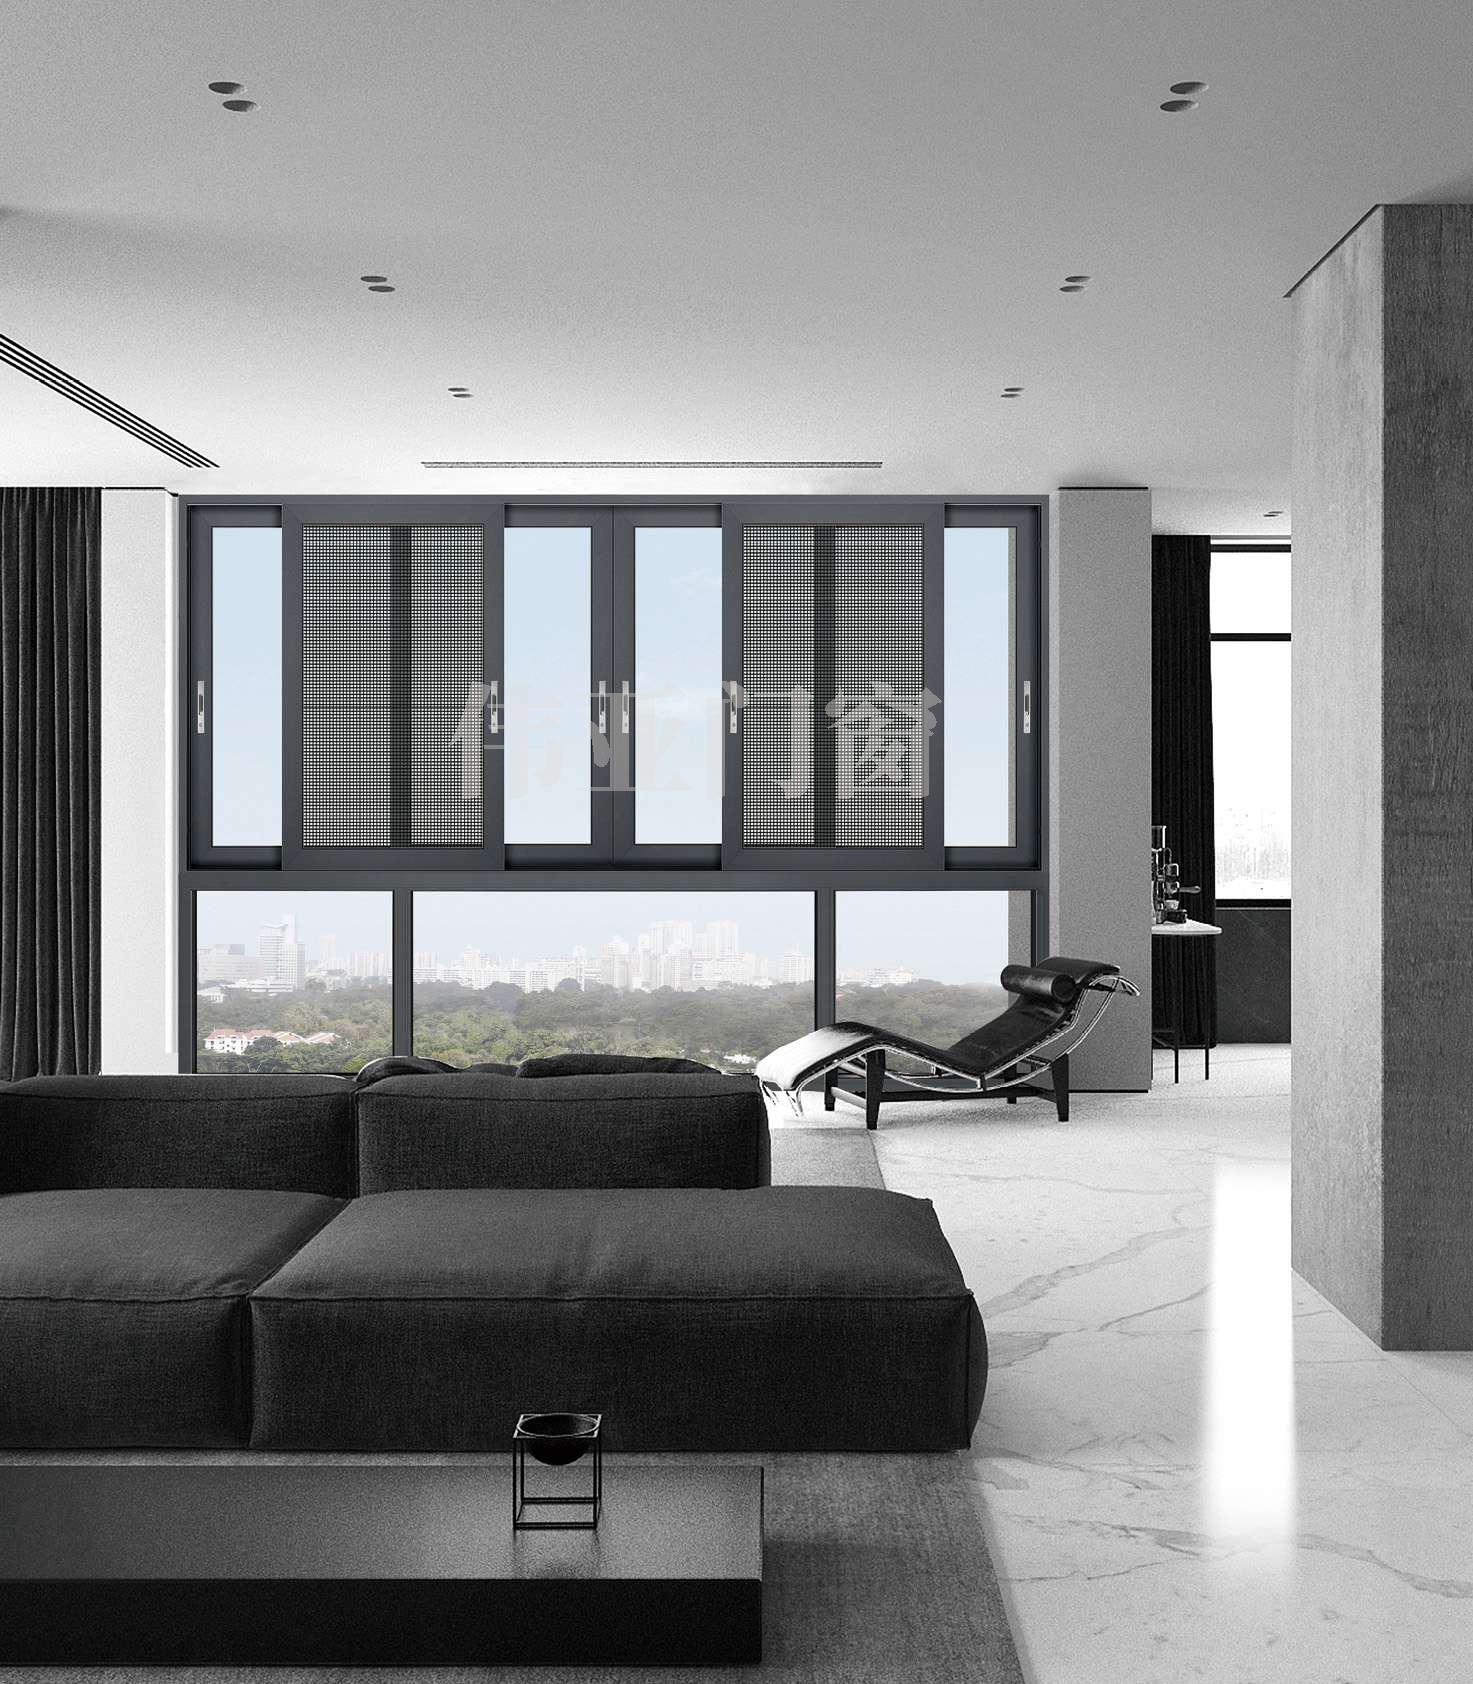 伟亚门窗丨慕尚系列断桥推拉窗,定制美好舒适生活